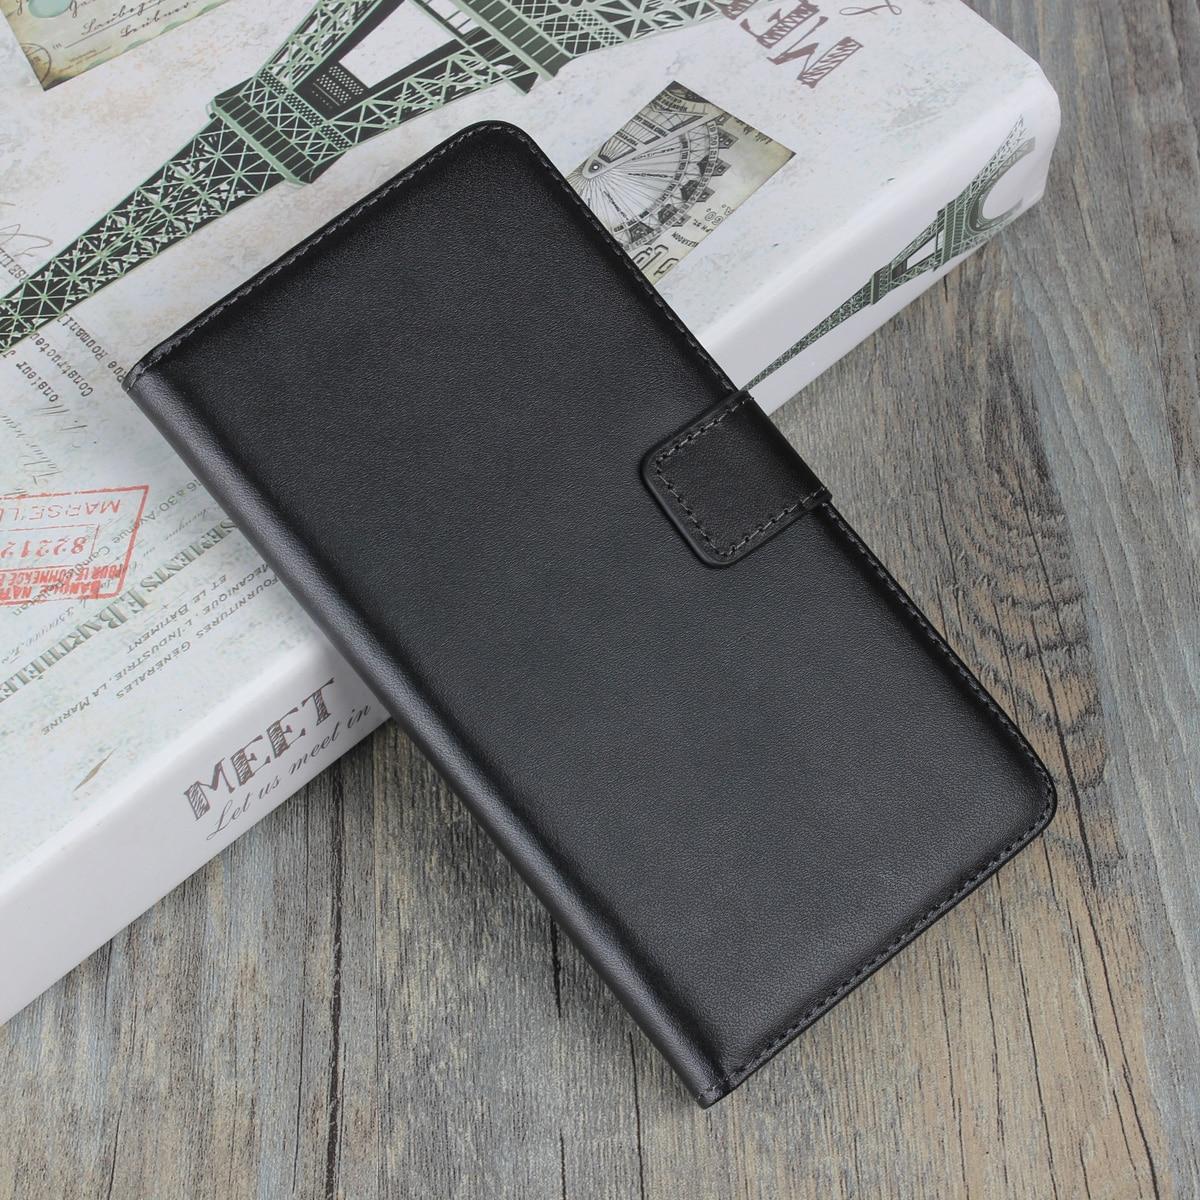 Жоғары сапалы Retro былғары телефонға арналған қапшық, қақпағы Samsung Galaxy S3 S4 S5 i9300 i9500 i9600 GG үшін карточка ұстағышының қақпағы